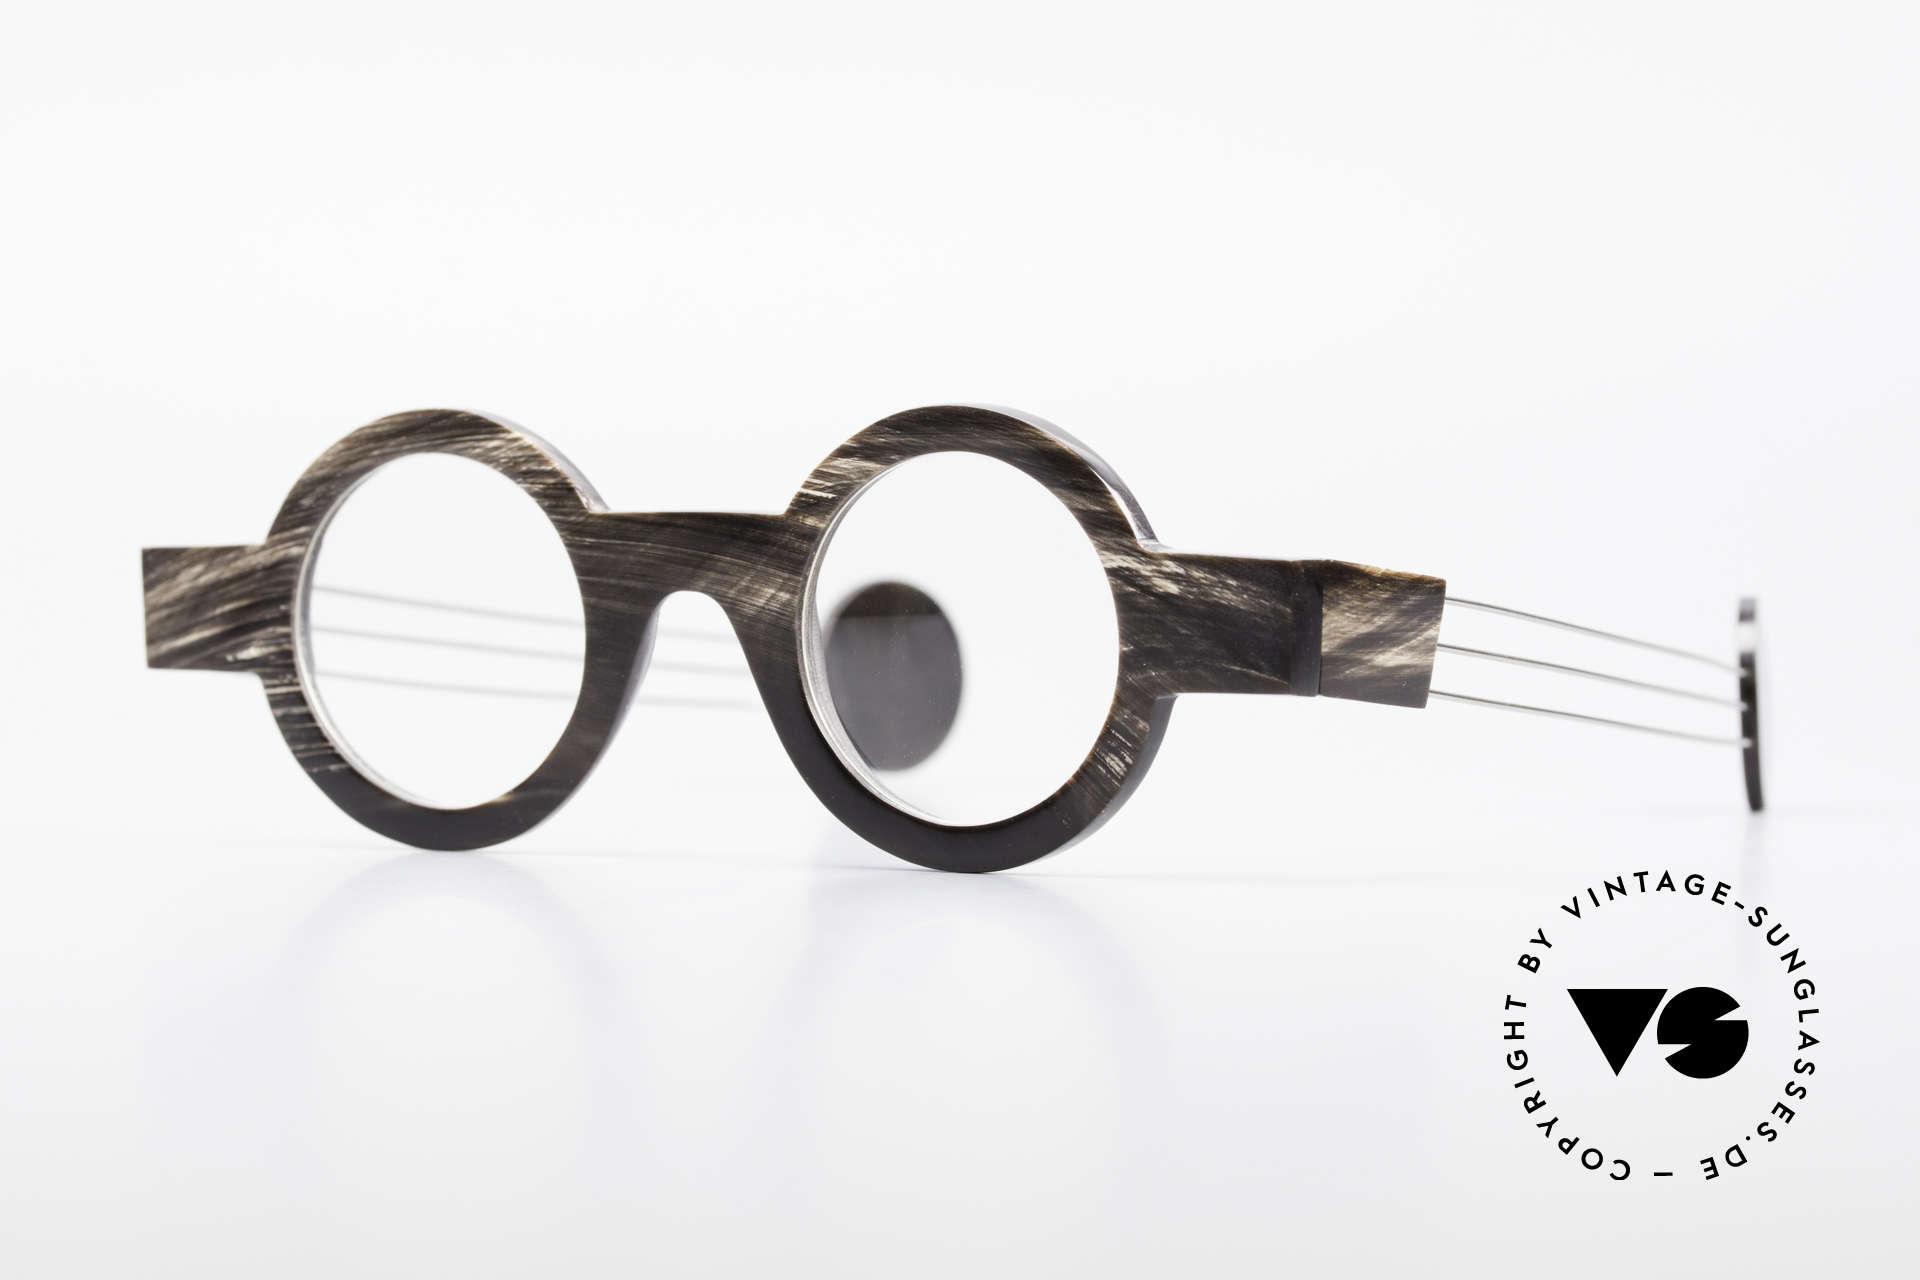 P. Klenk Bold 023 Horn Brille Eindrehbare Bügel, markante, runde Echthorn-Brillenfassung von P. Klenk, Passend für Herren und Damen